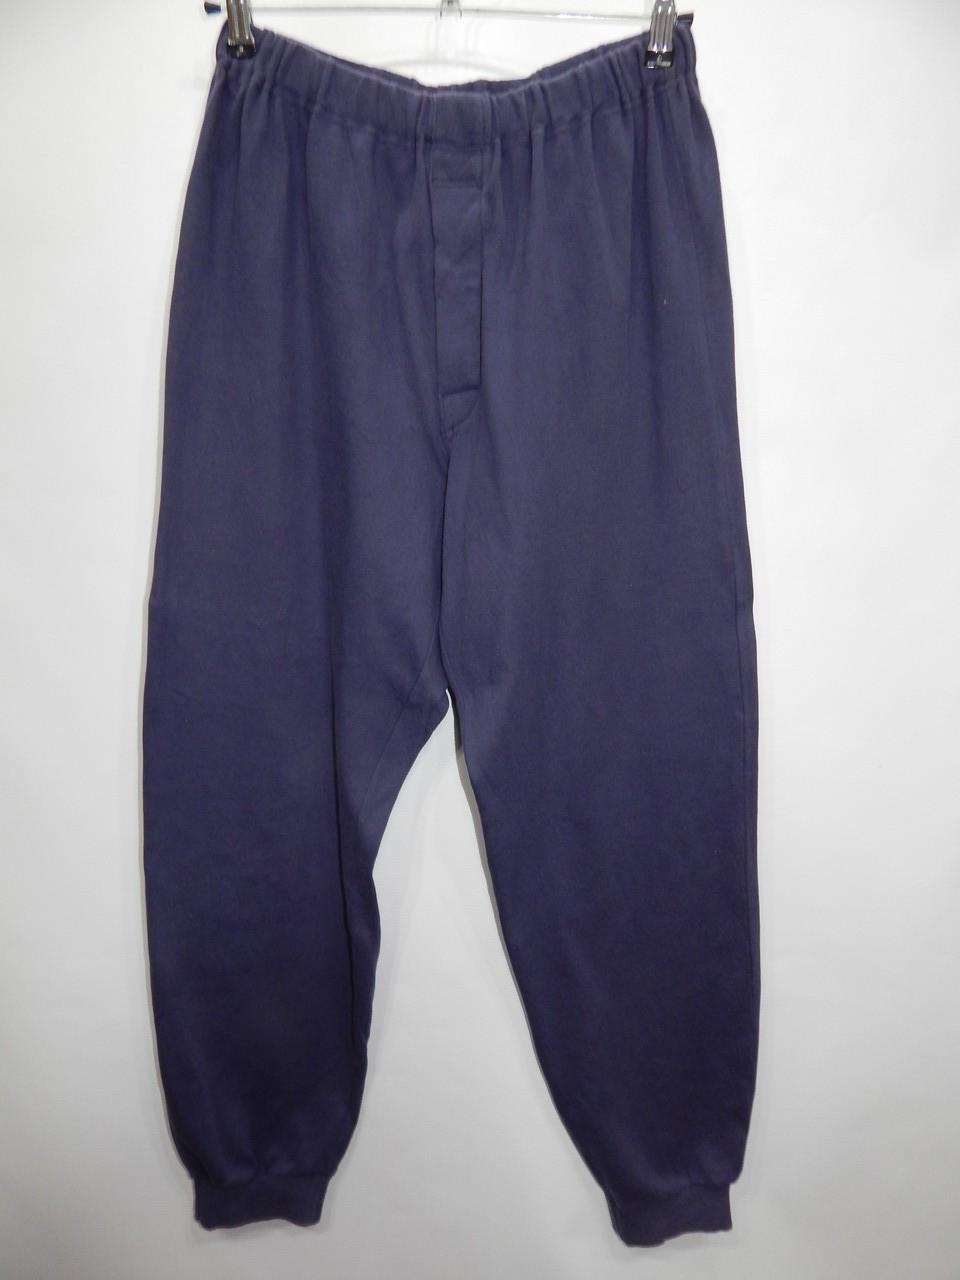 Мужские спортивные демисезонные брюки р.52 013SPMD